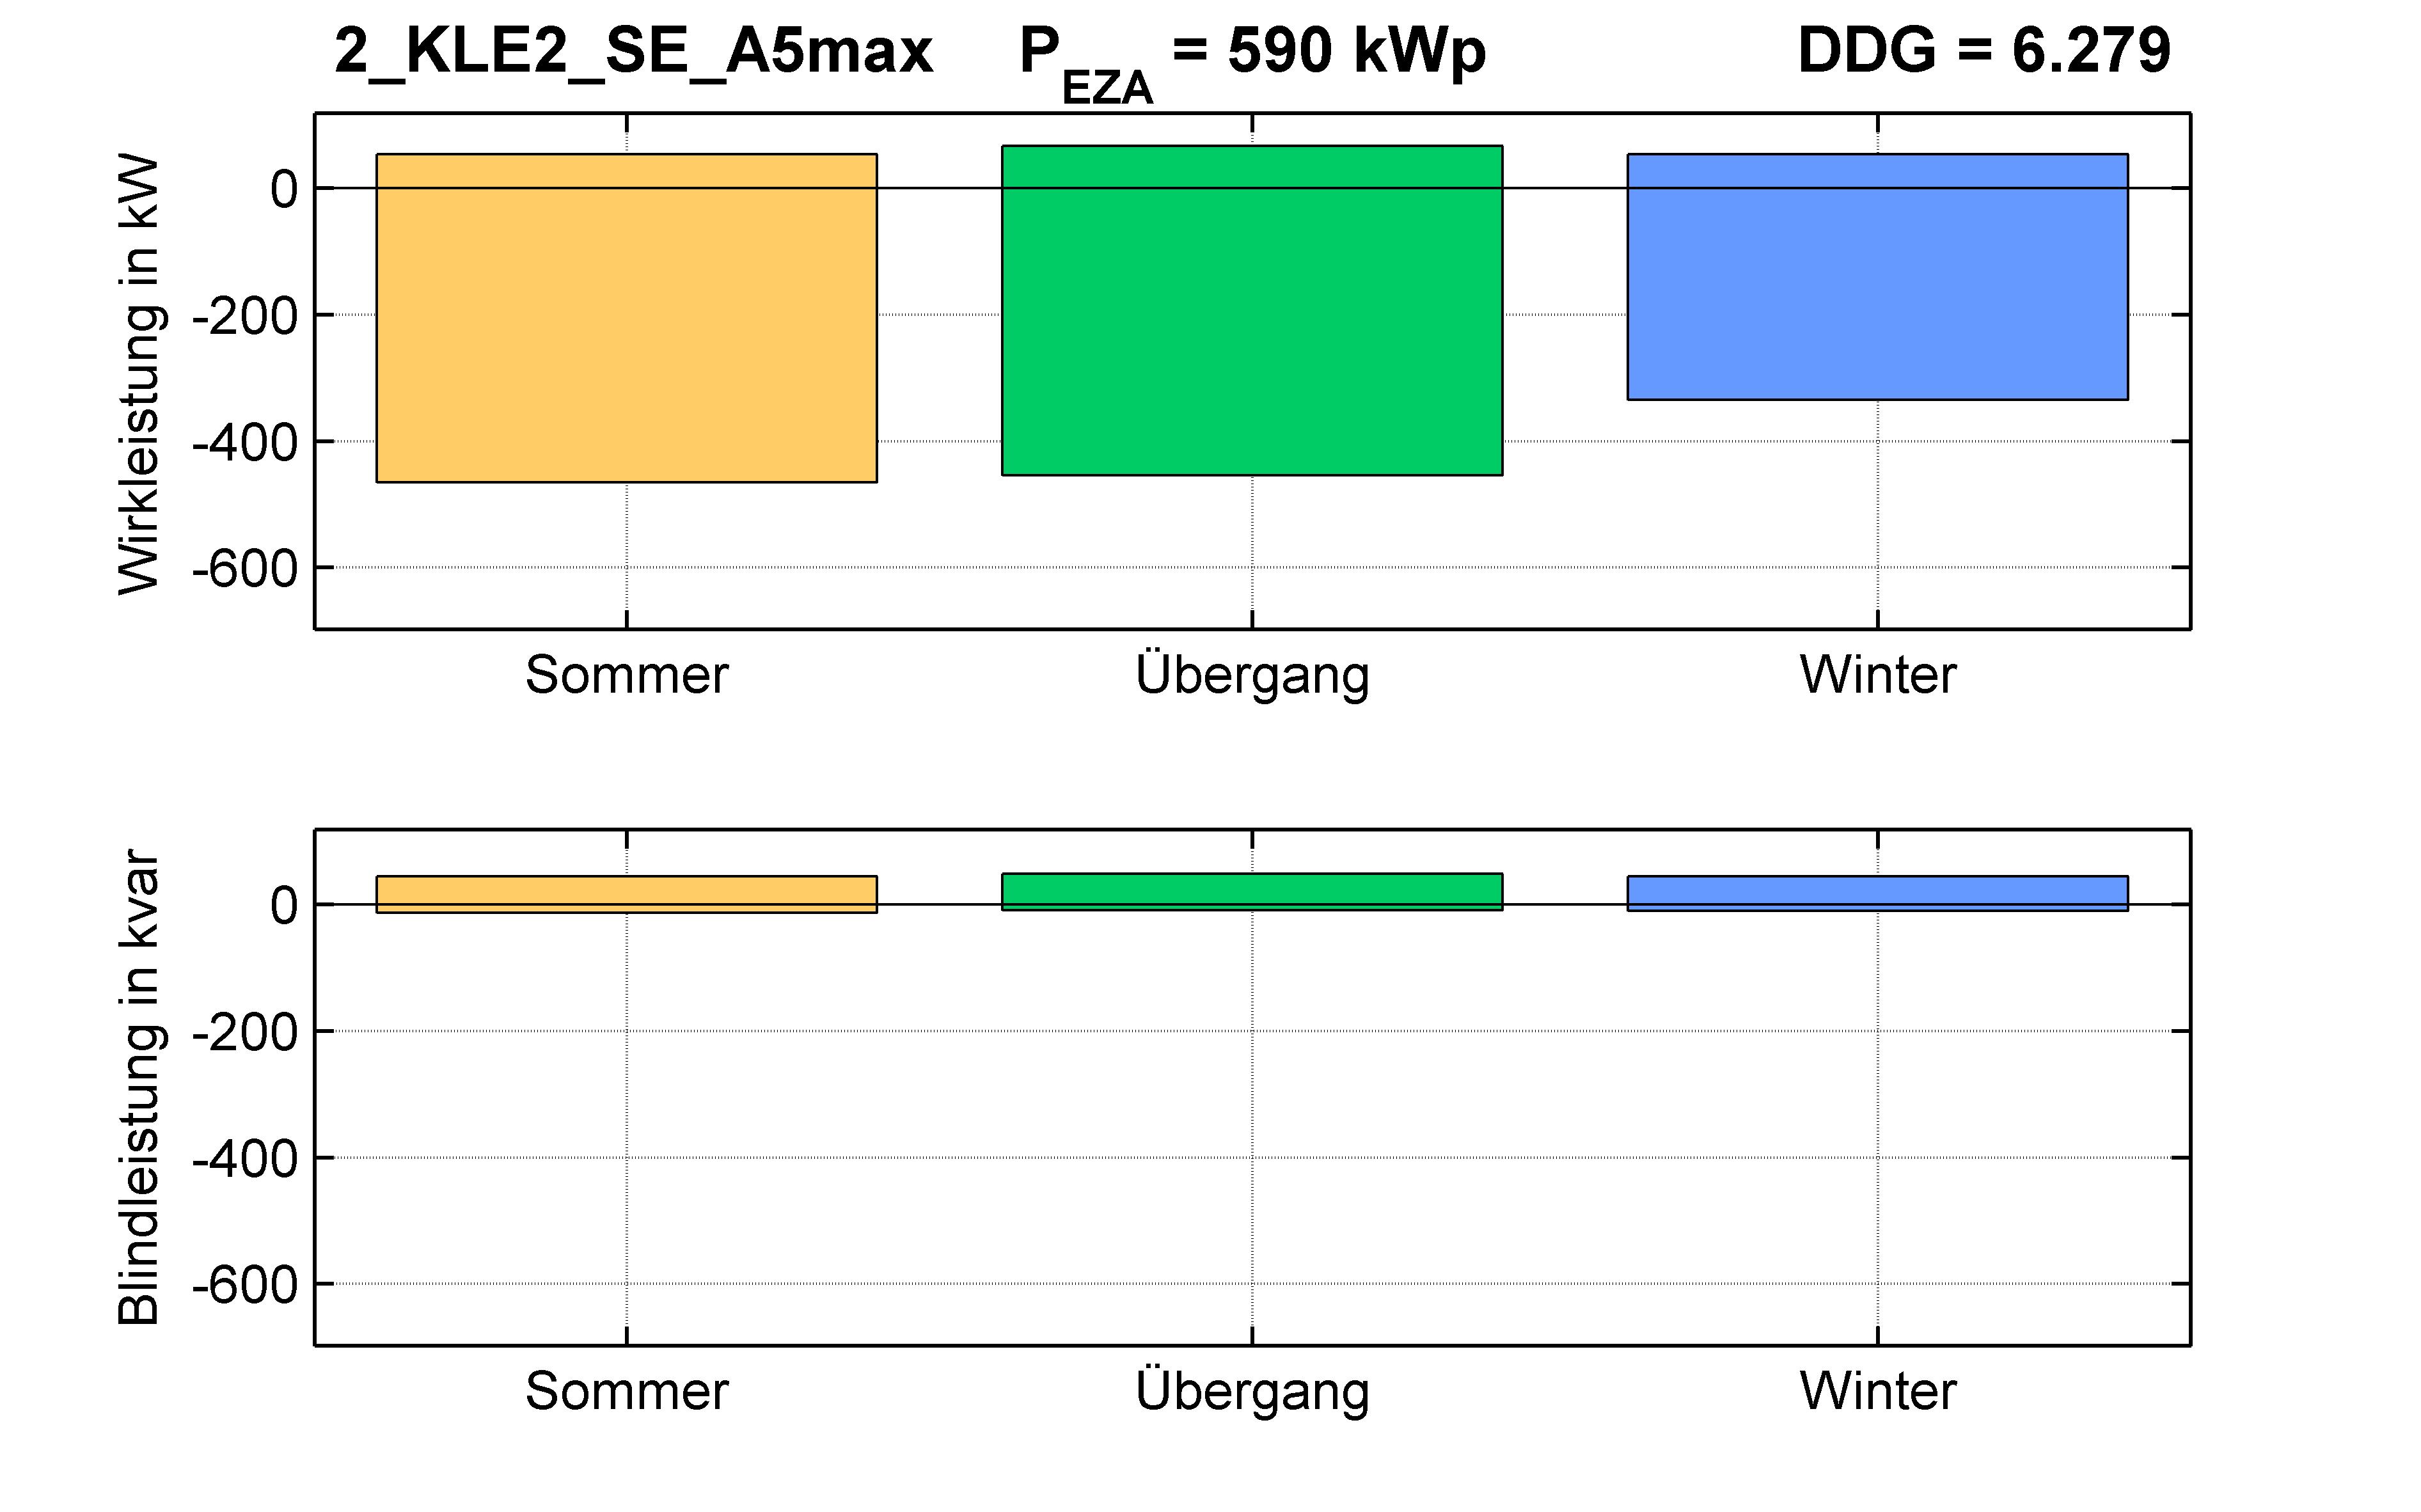 KLE2 | P-Kappung 85% (SE) A5max | PQ-Bilanz